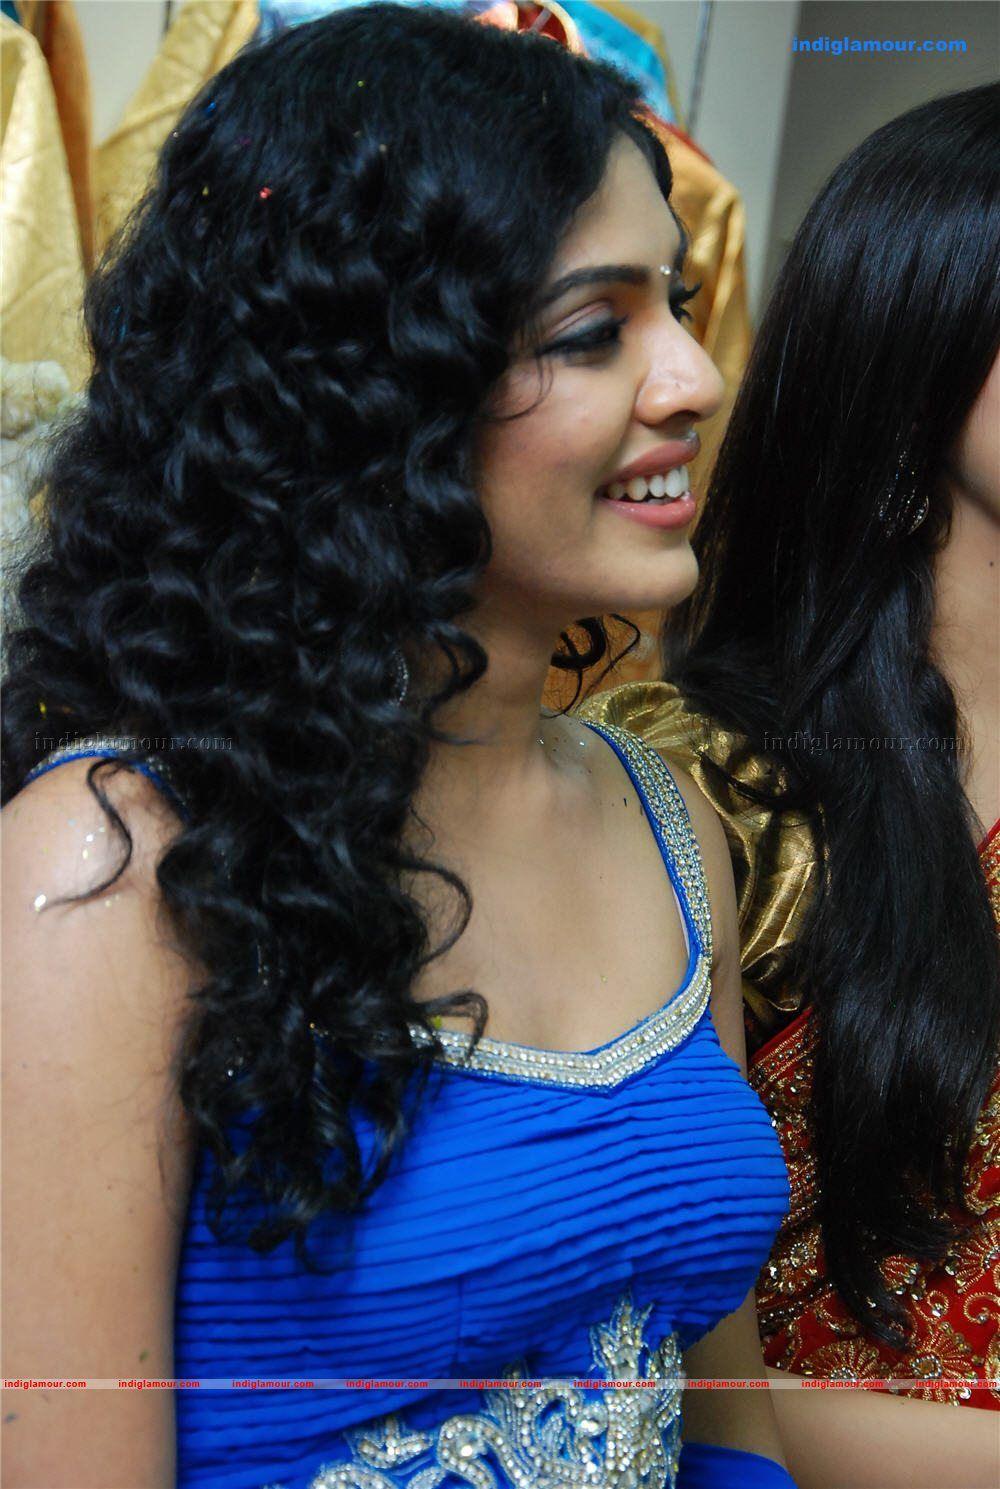 rima kallingal | indian celebs | hottest photos, actresses